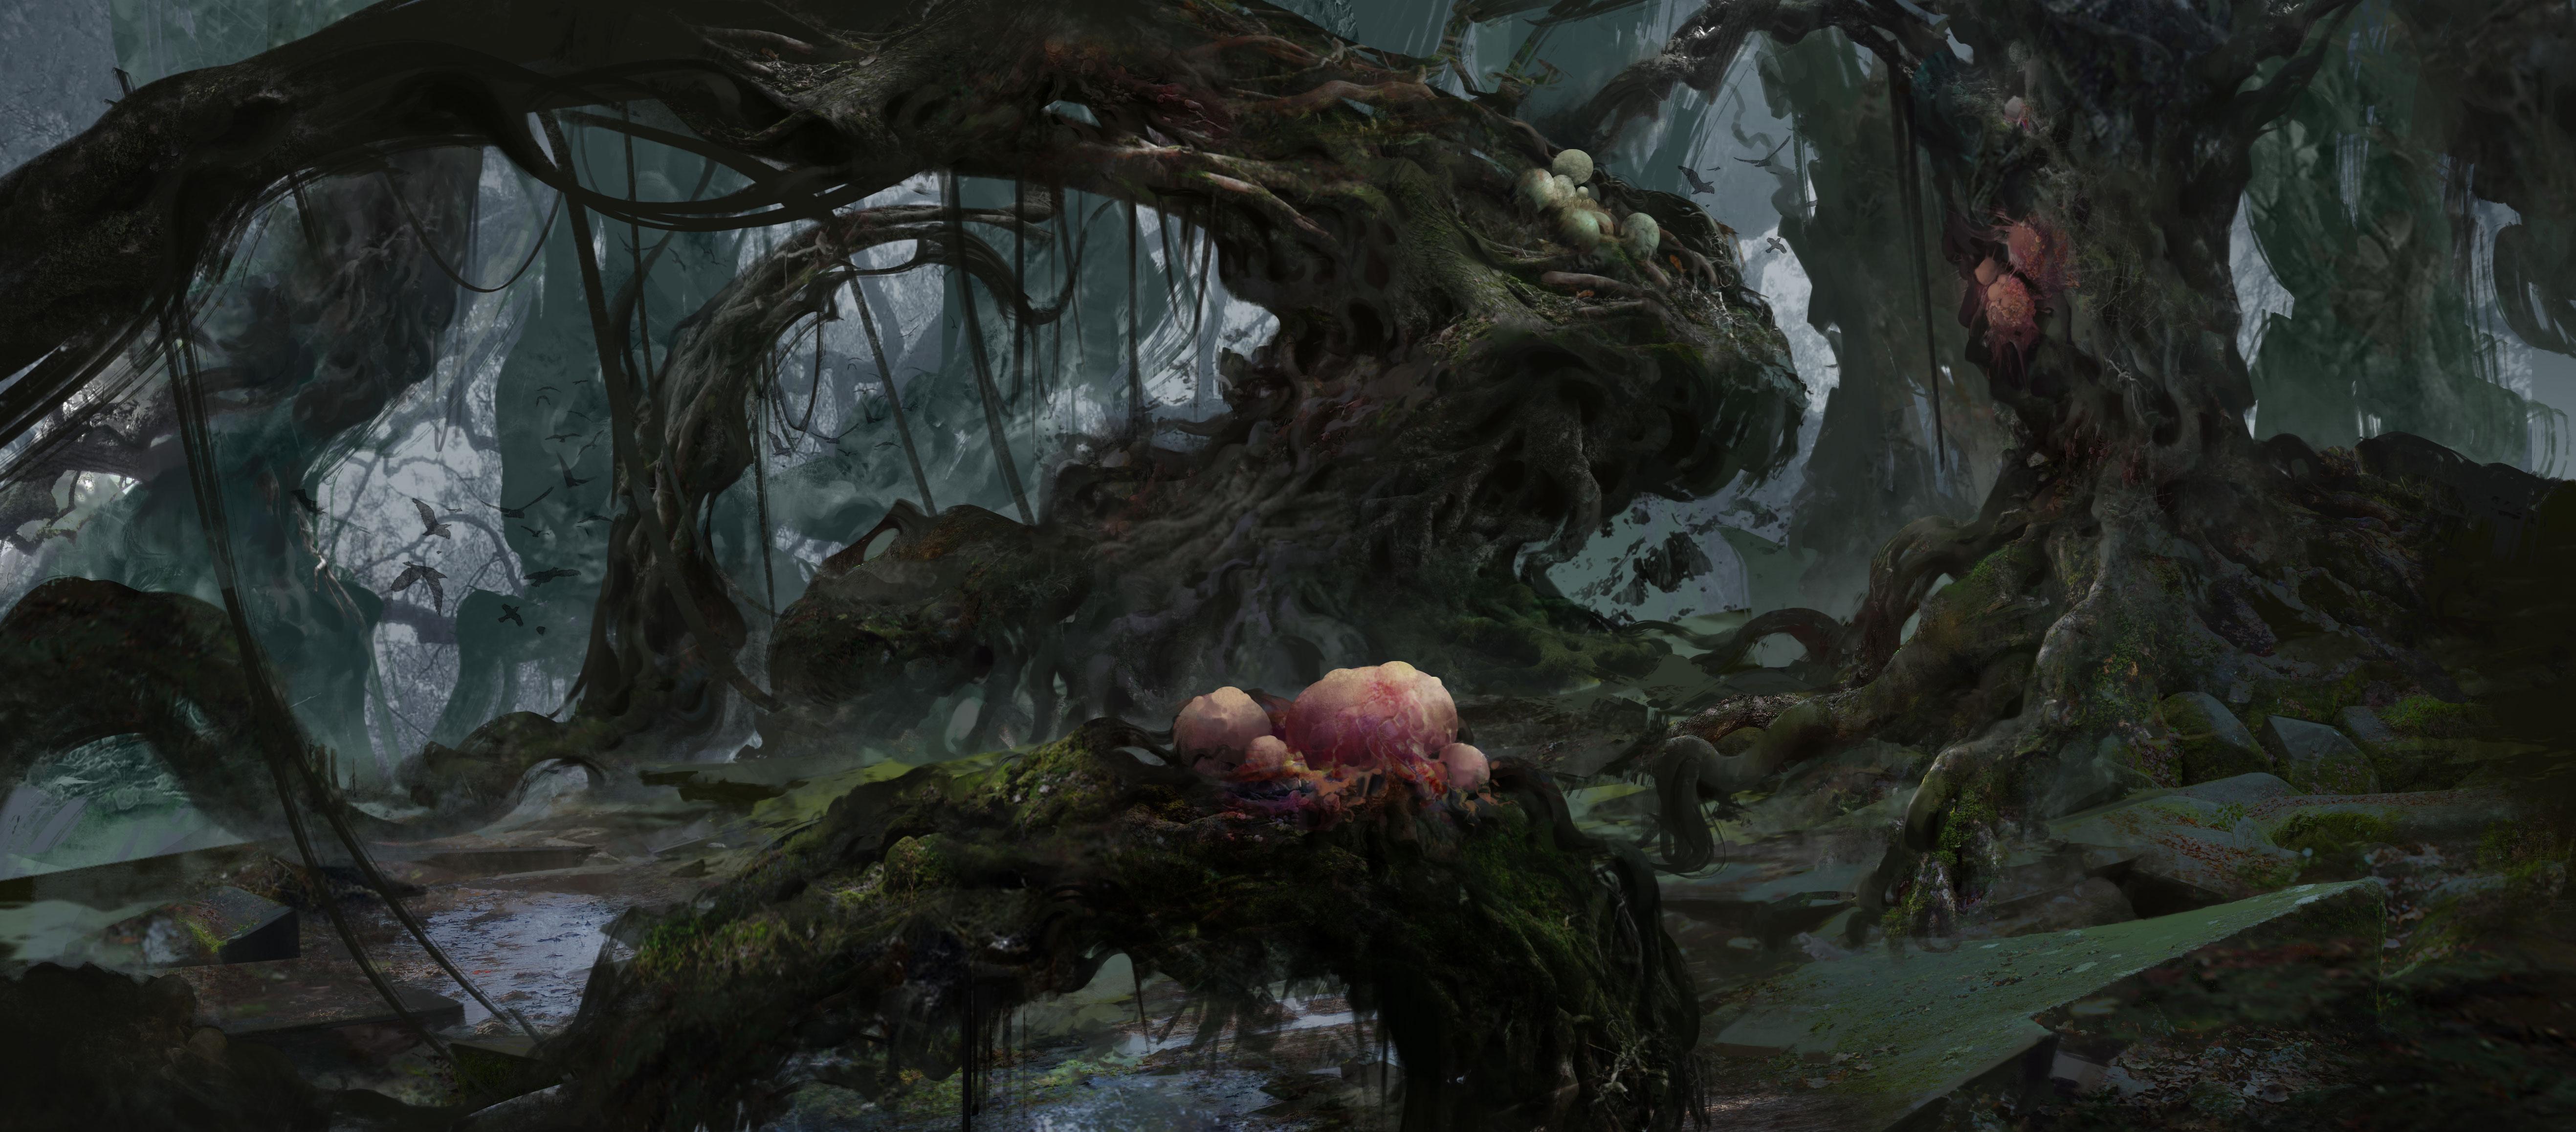 【黑暗森林系列】步骤图 随后有8个系列更新图片